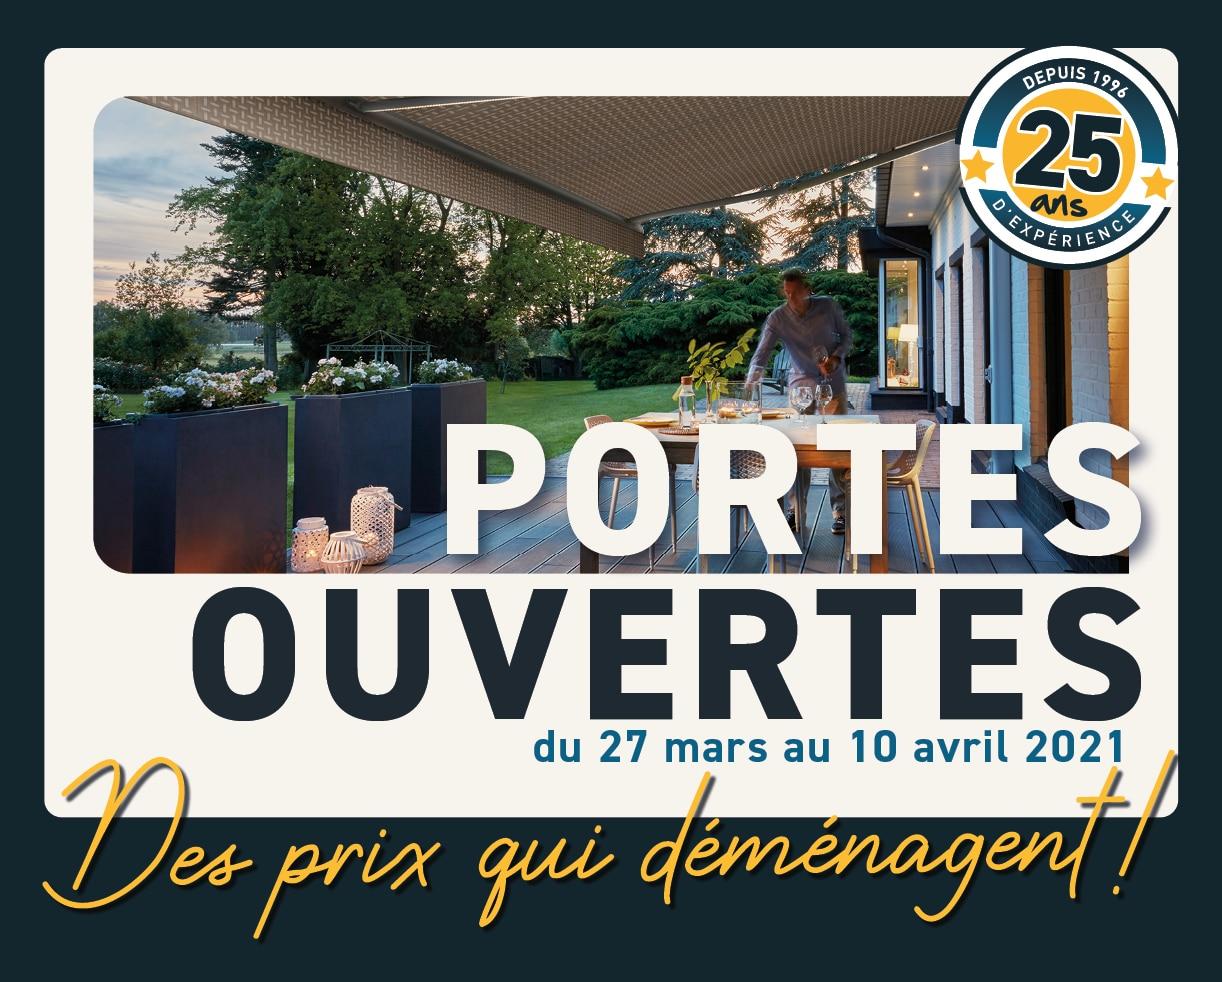 Portes ouvertes printemps 2021 / Pro-Fermetures